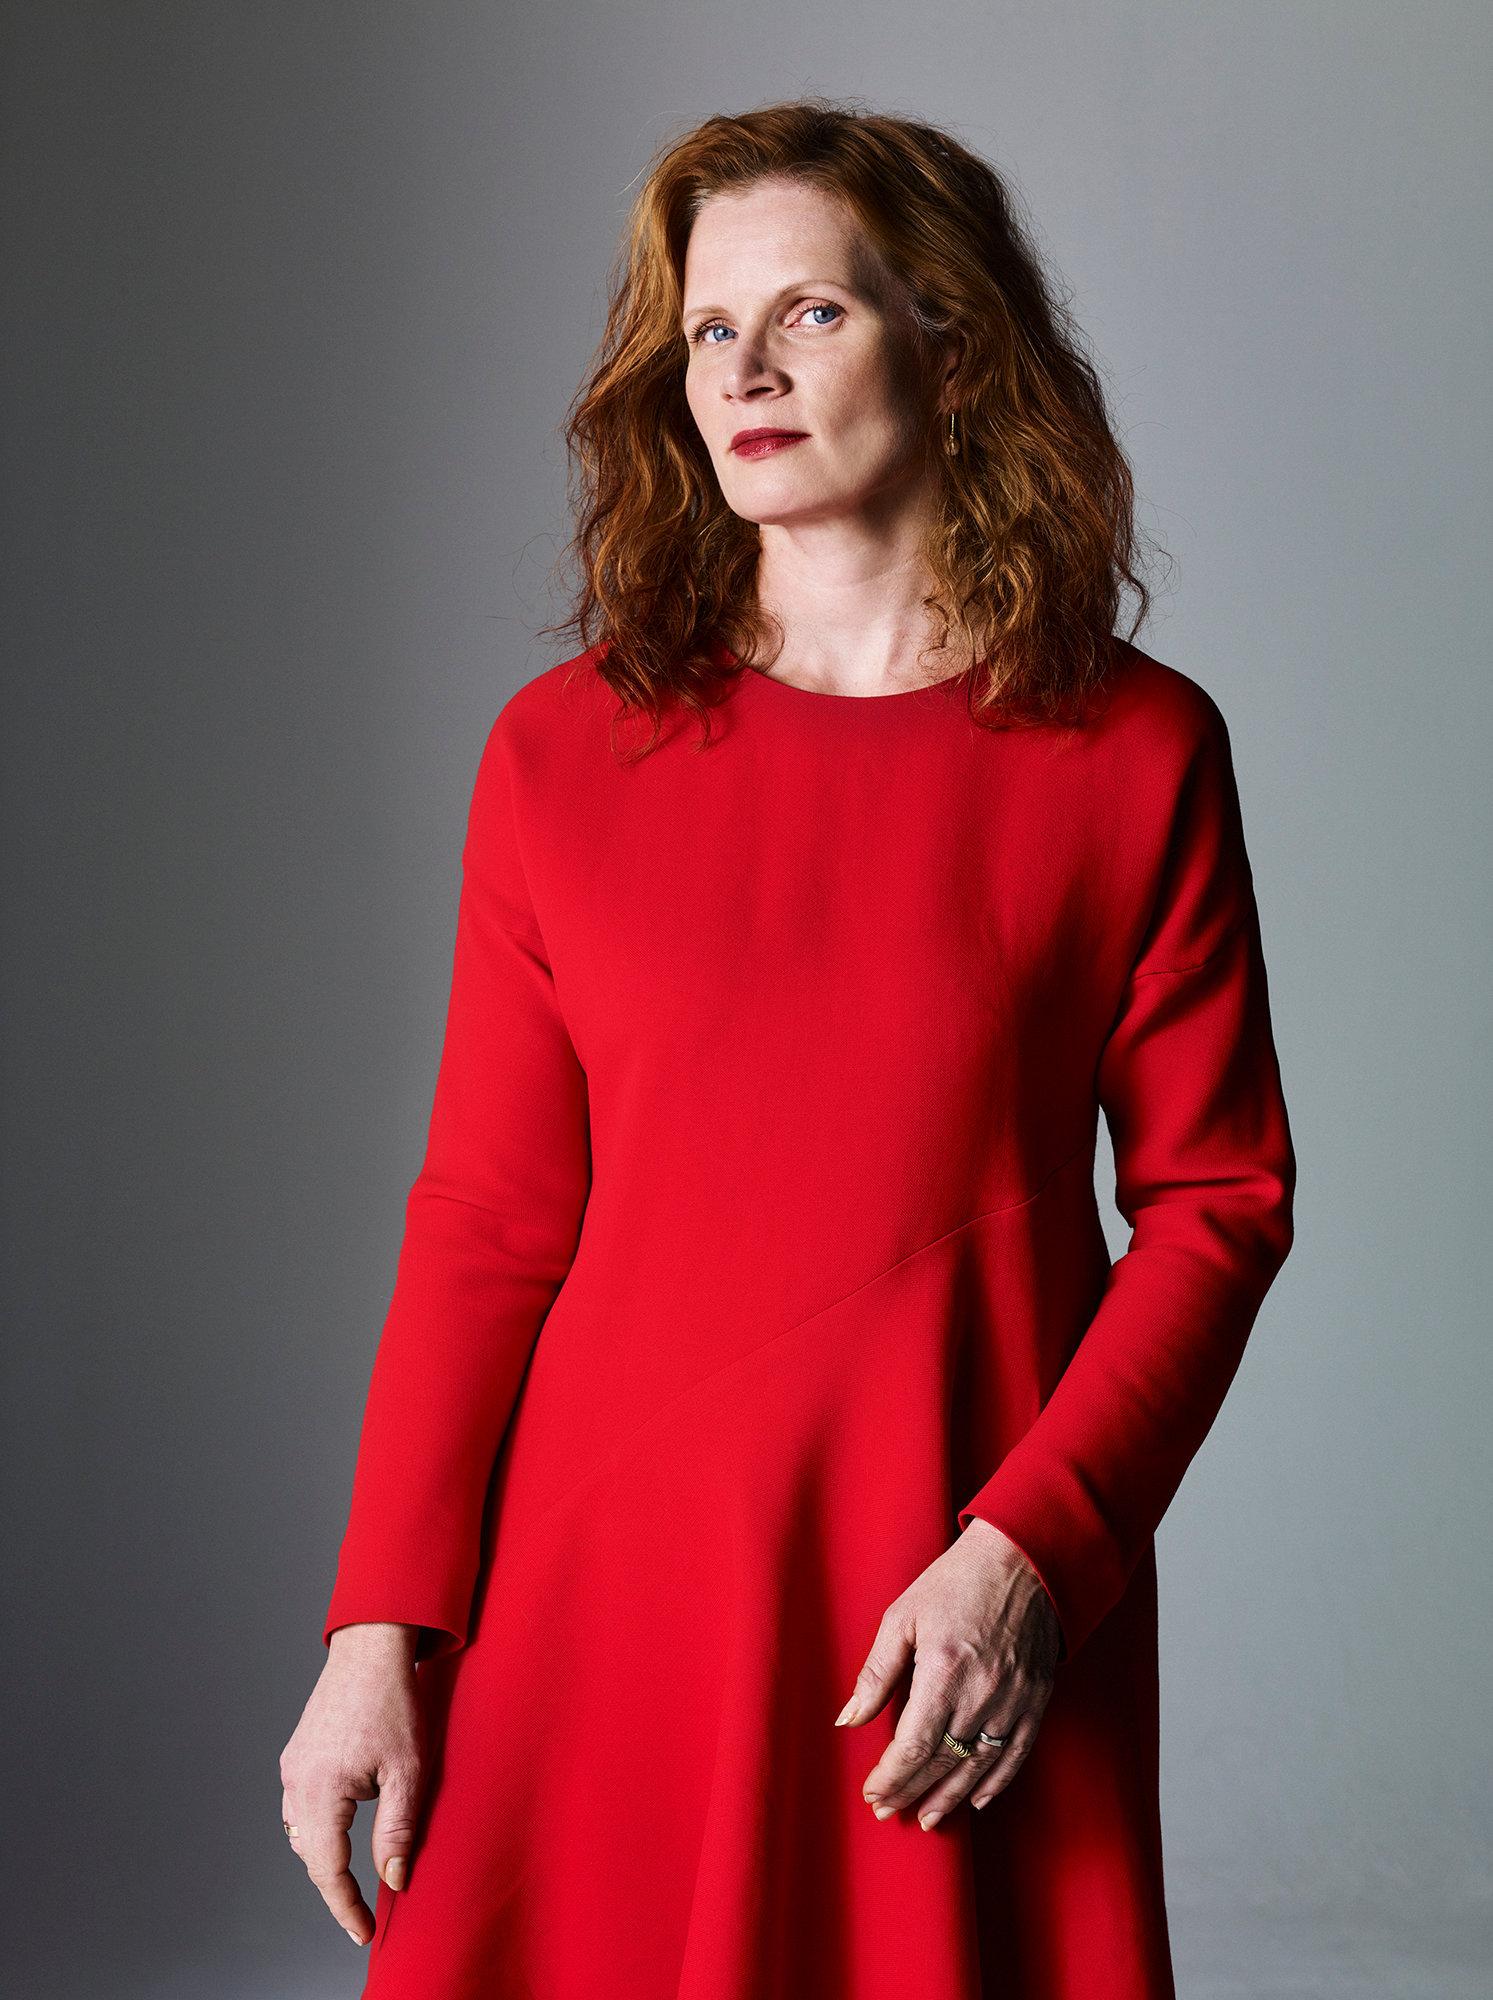 Hellen van Meene for Harpers Bazaar NL